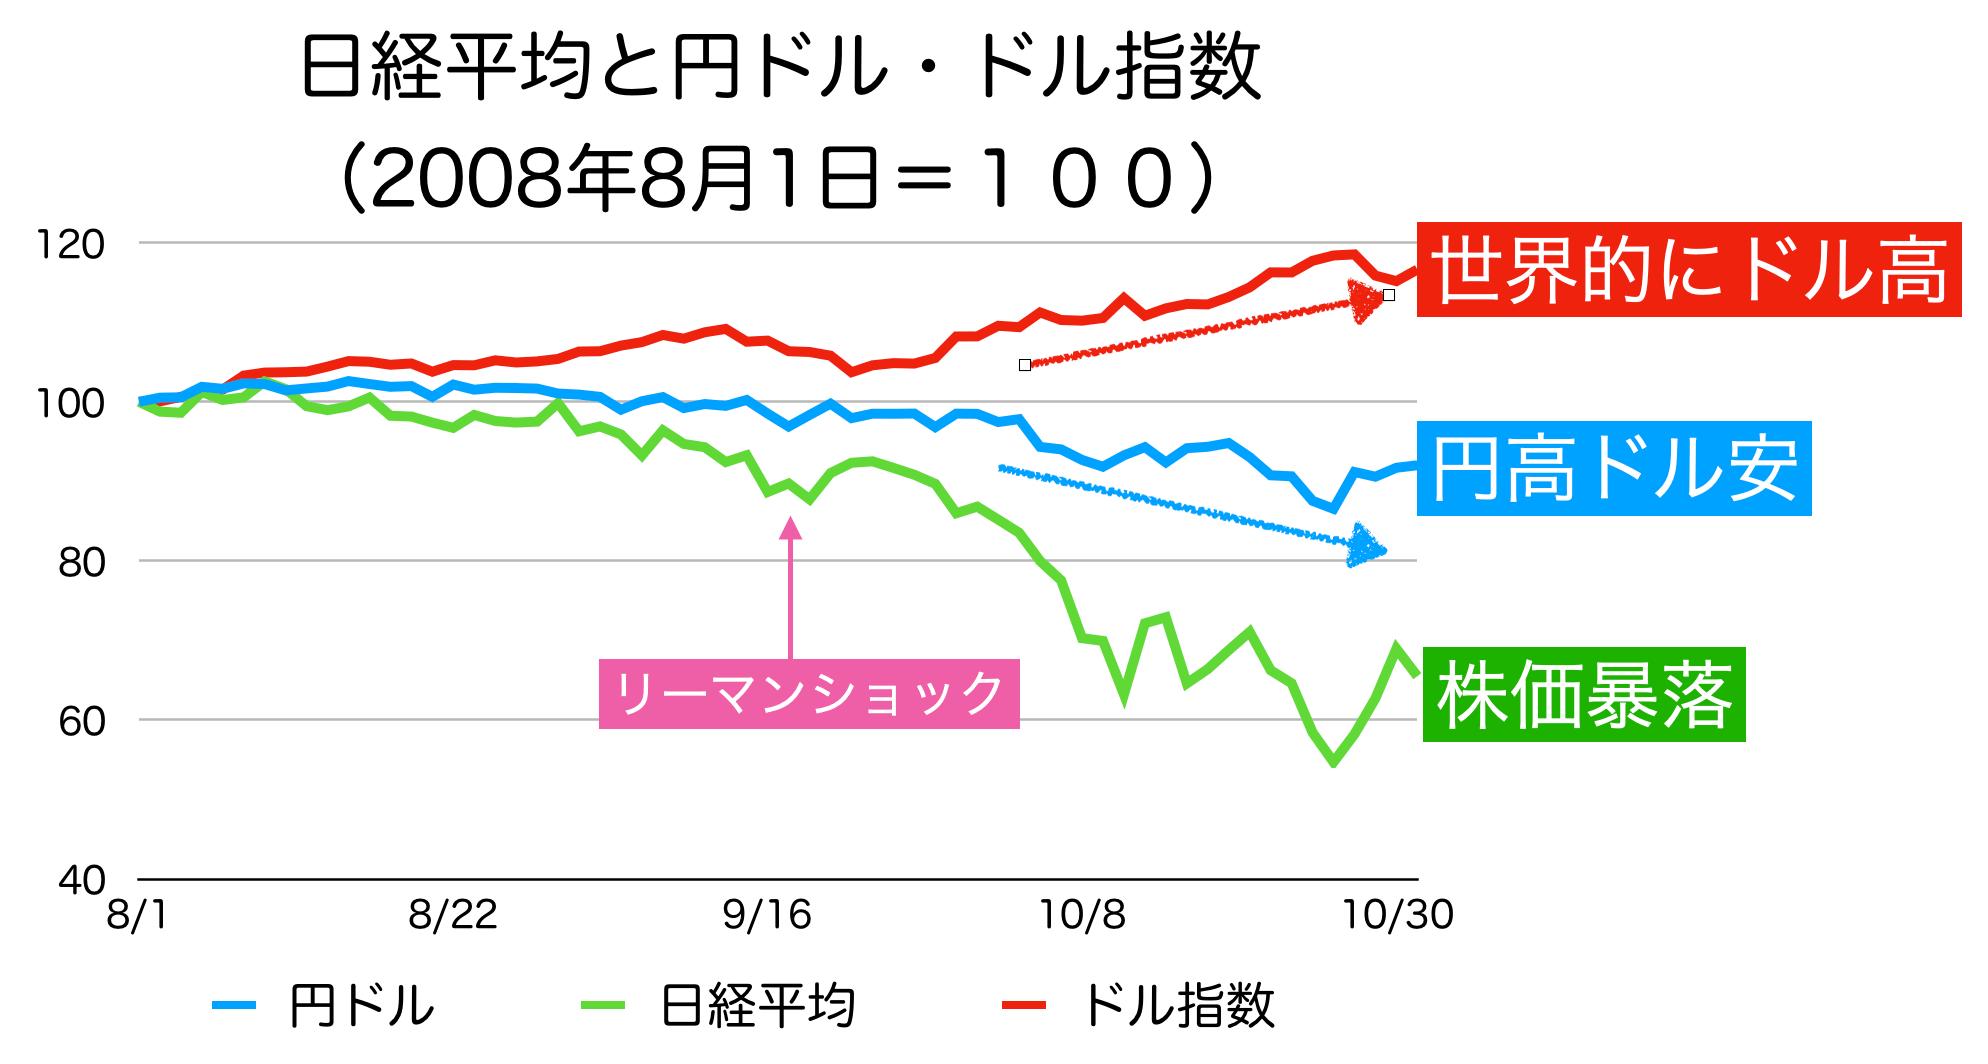 リーマンショック前後の株価と円ドル相場